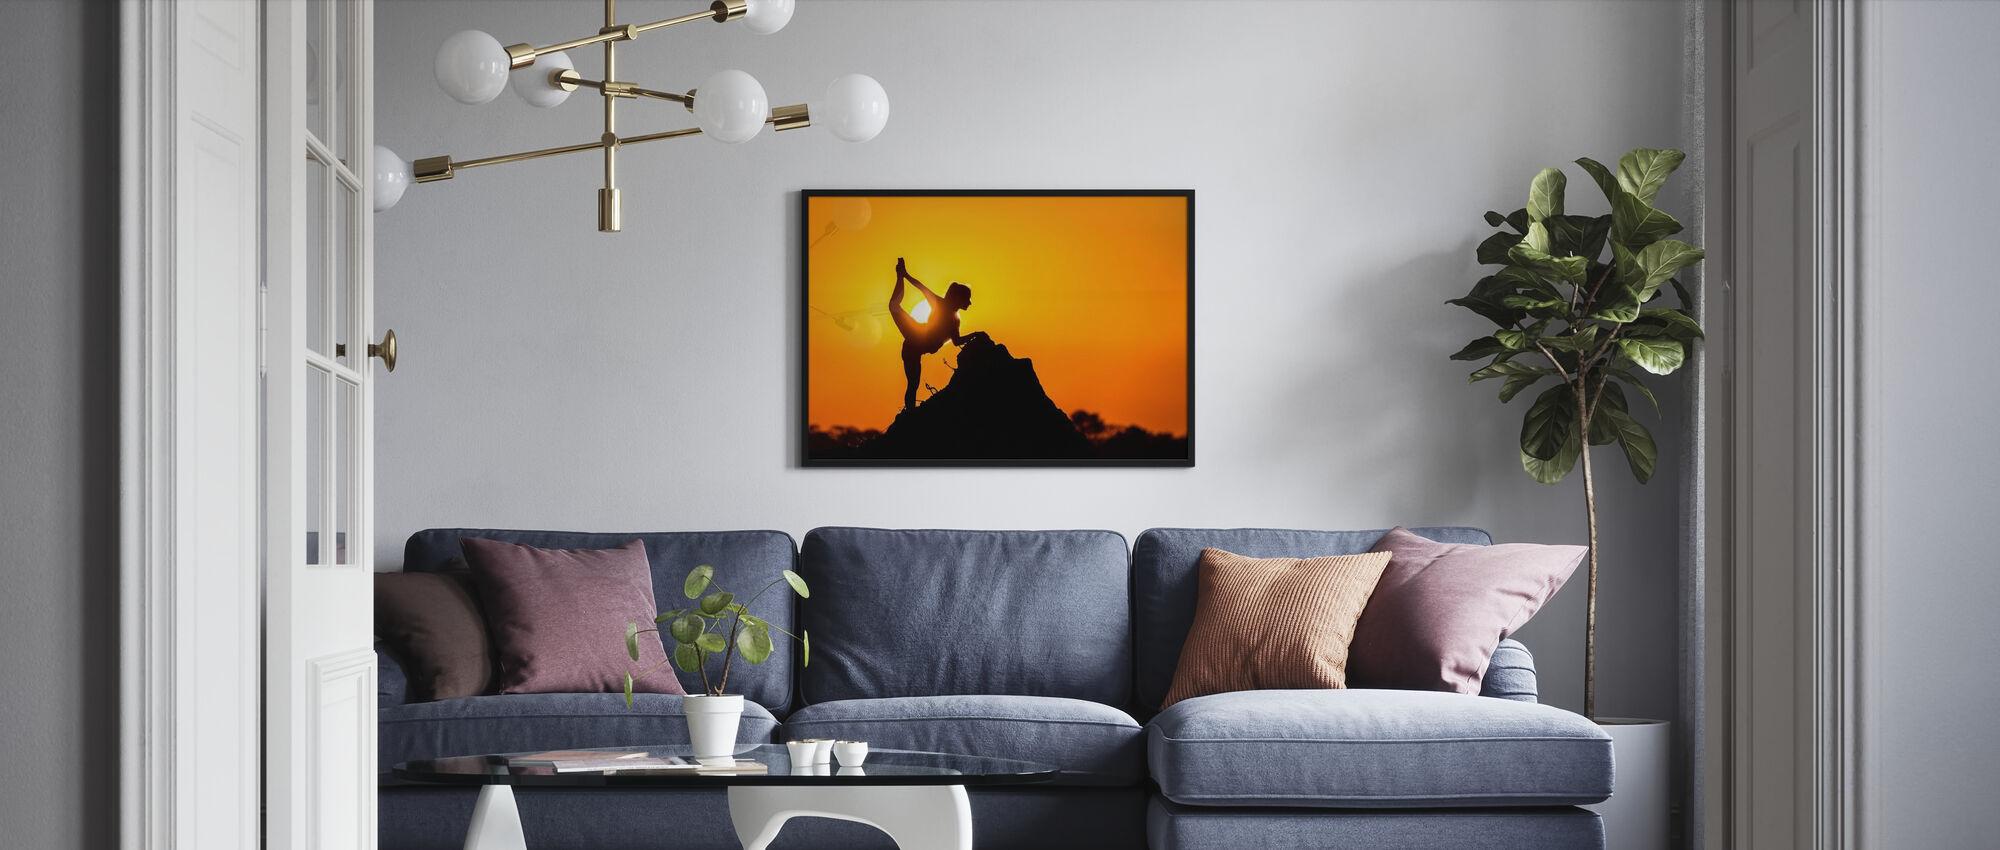 Savannah Tänzerin - Poster - Wohnzimmer